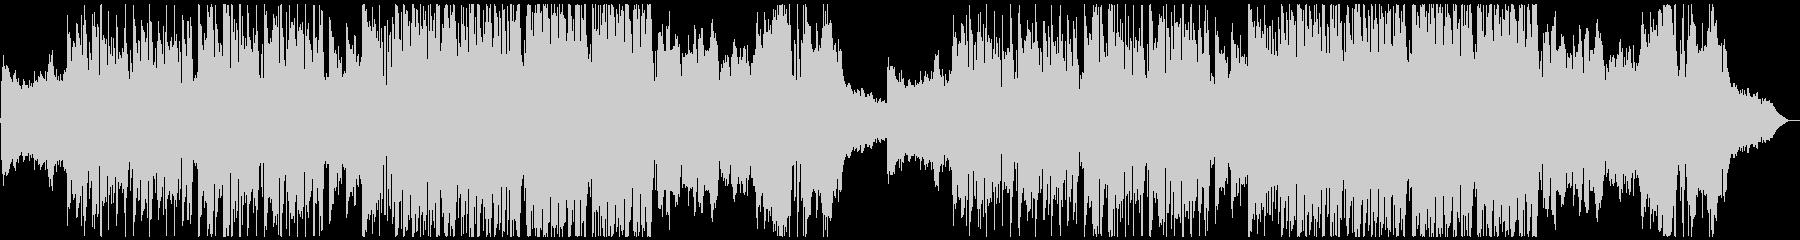 怪しいメルヘン曲・バイオリンの未再生の波形